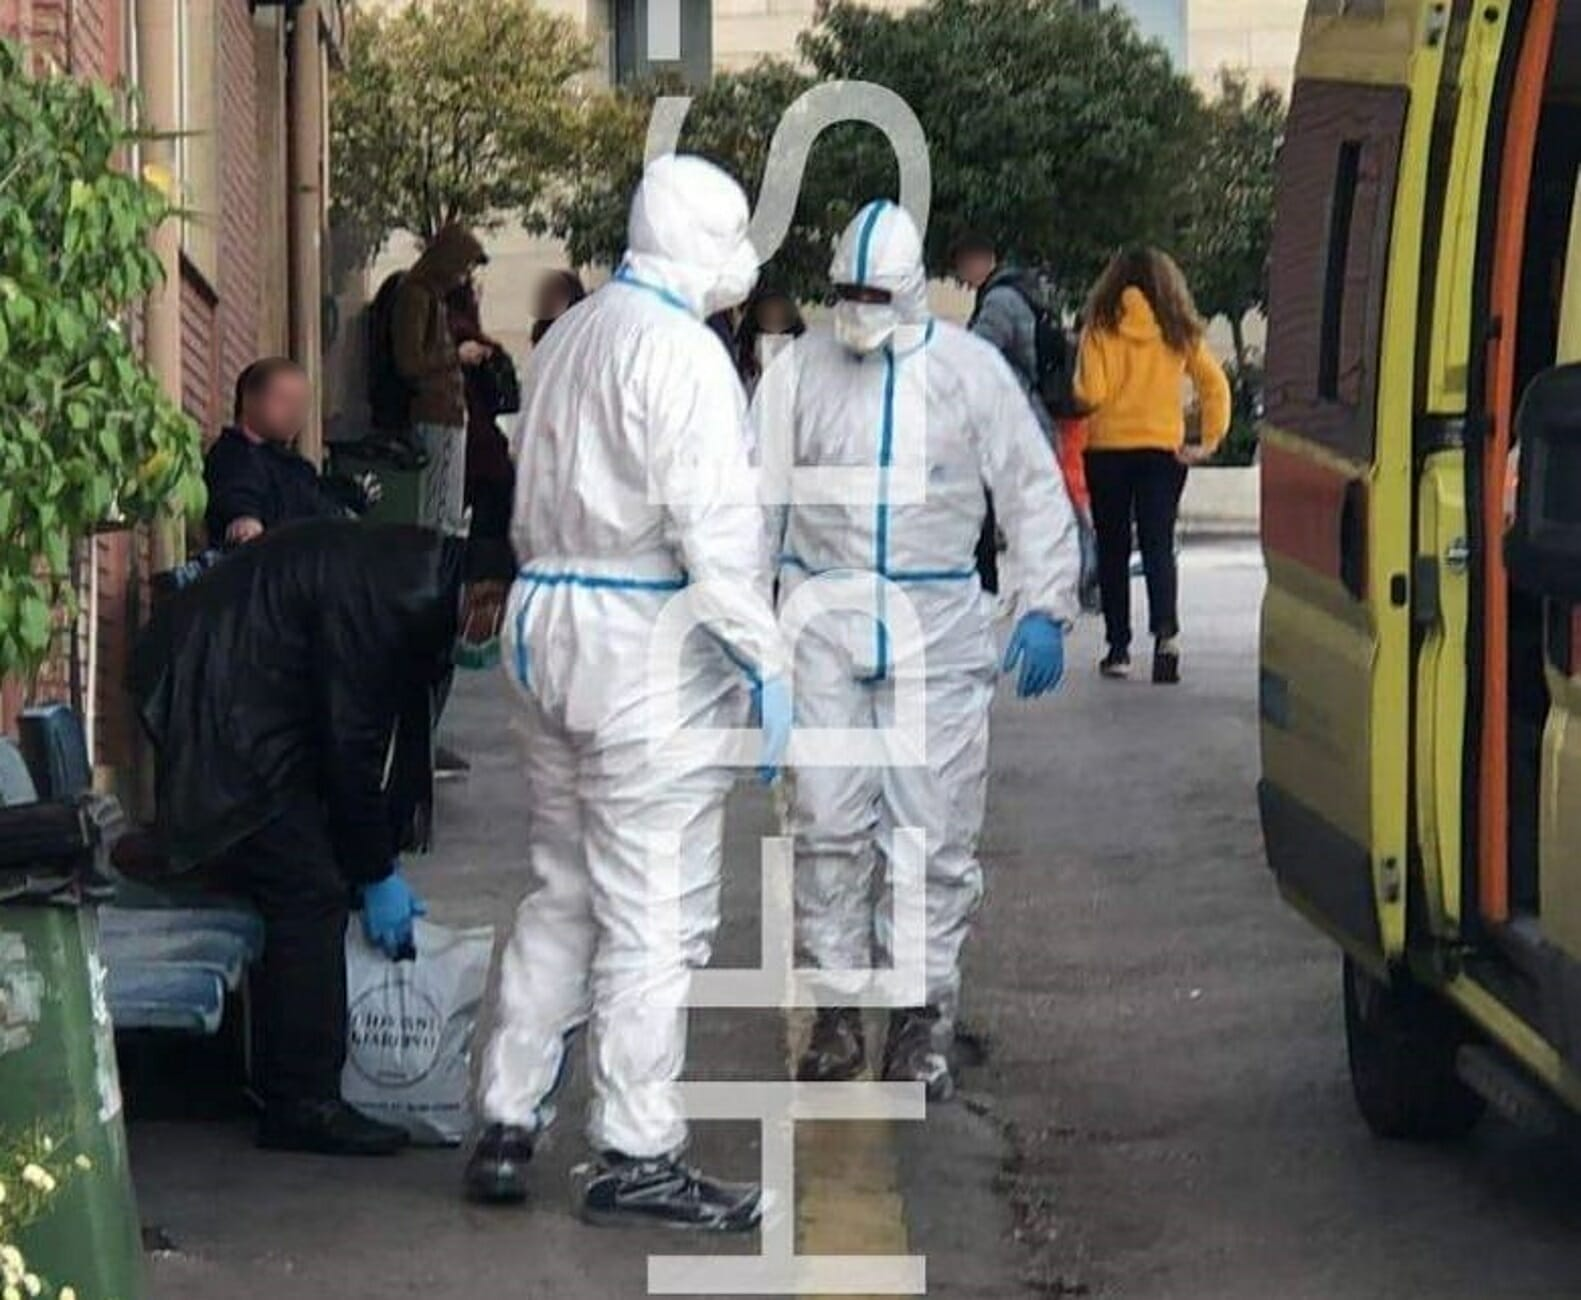 Κορονοϊός: Από τα ΚΤΕΛ στο νοσοκομείο! Συναγερμός για νέο ύποπτο κρούσμα στην Πάτρα (Φωτό)